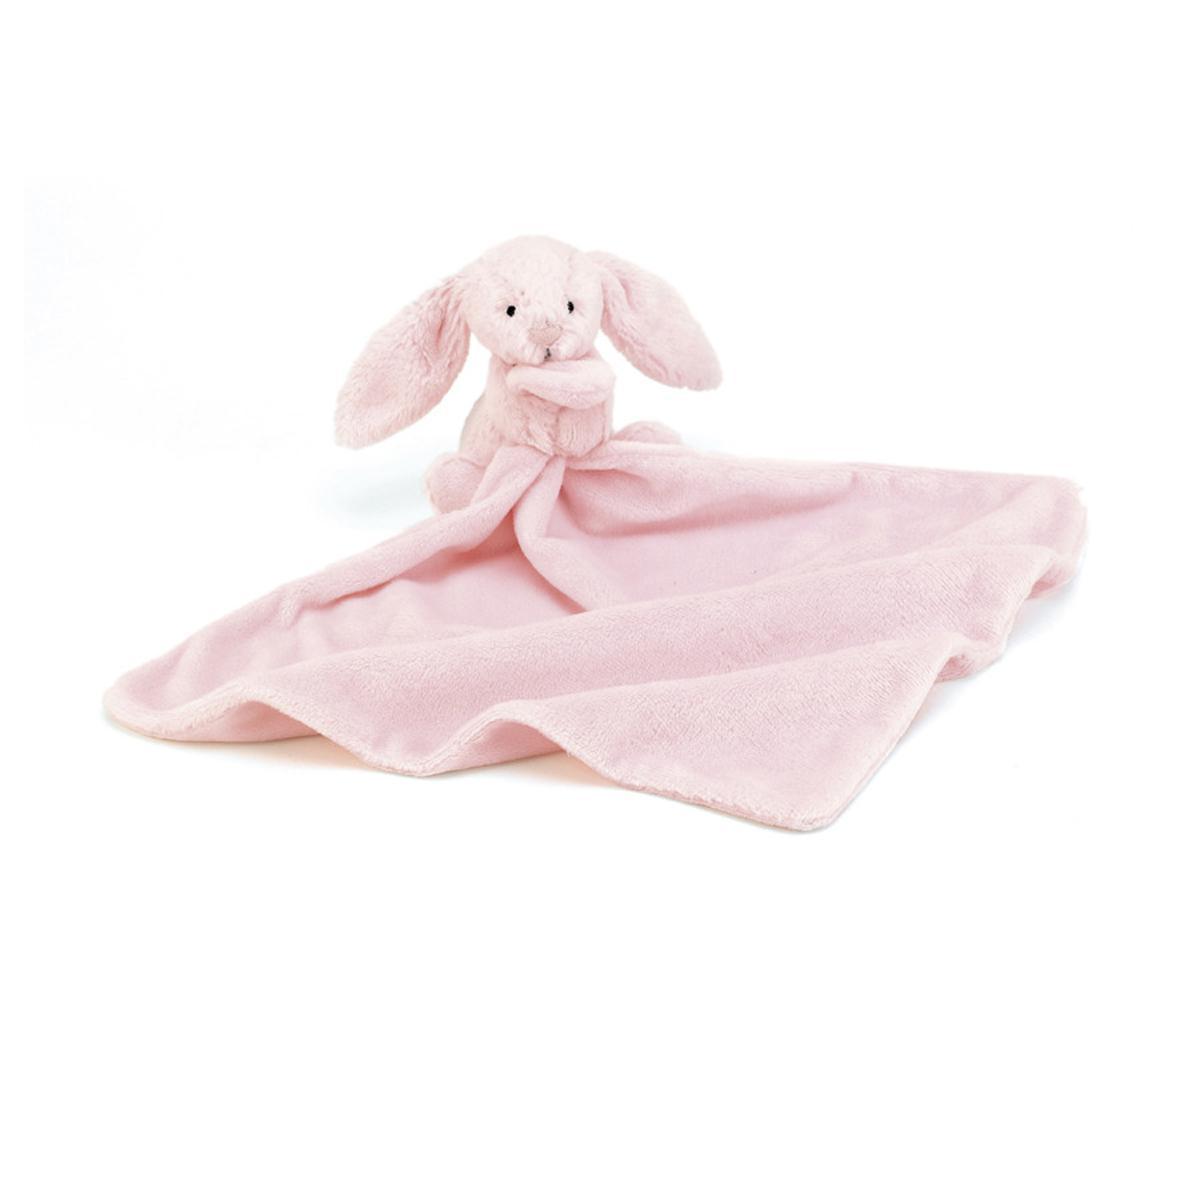 Doudou Conejo BASHFUL Jellycat rosa